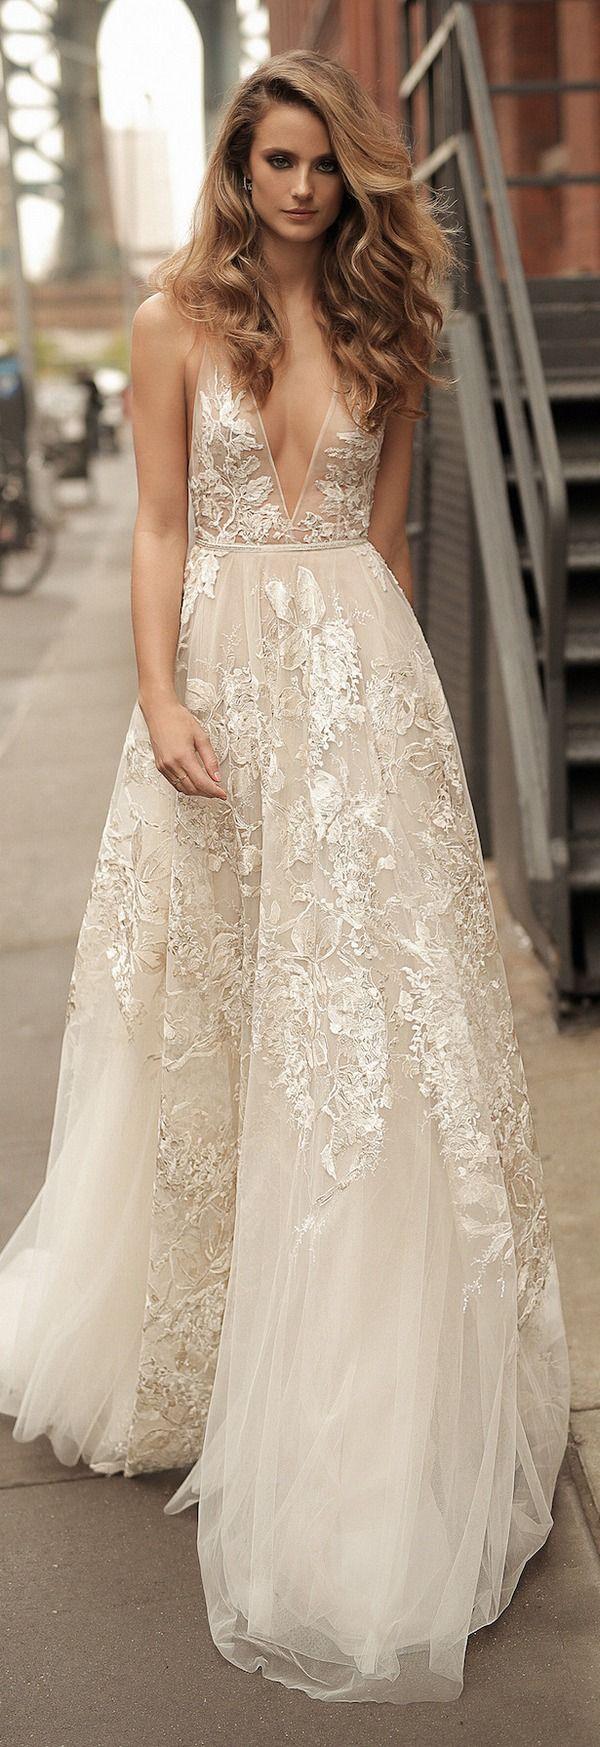 Berta Spring Wedding Dresses 2018 | Deer Pearl Flowers